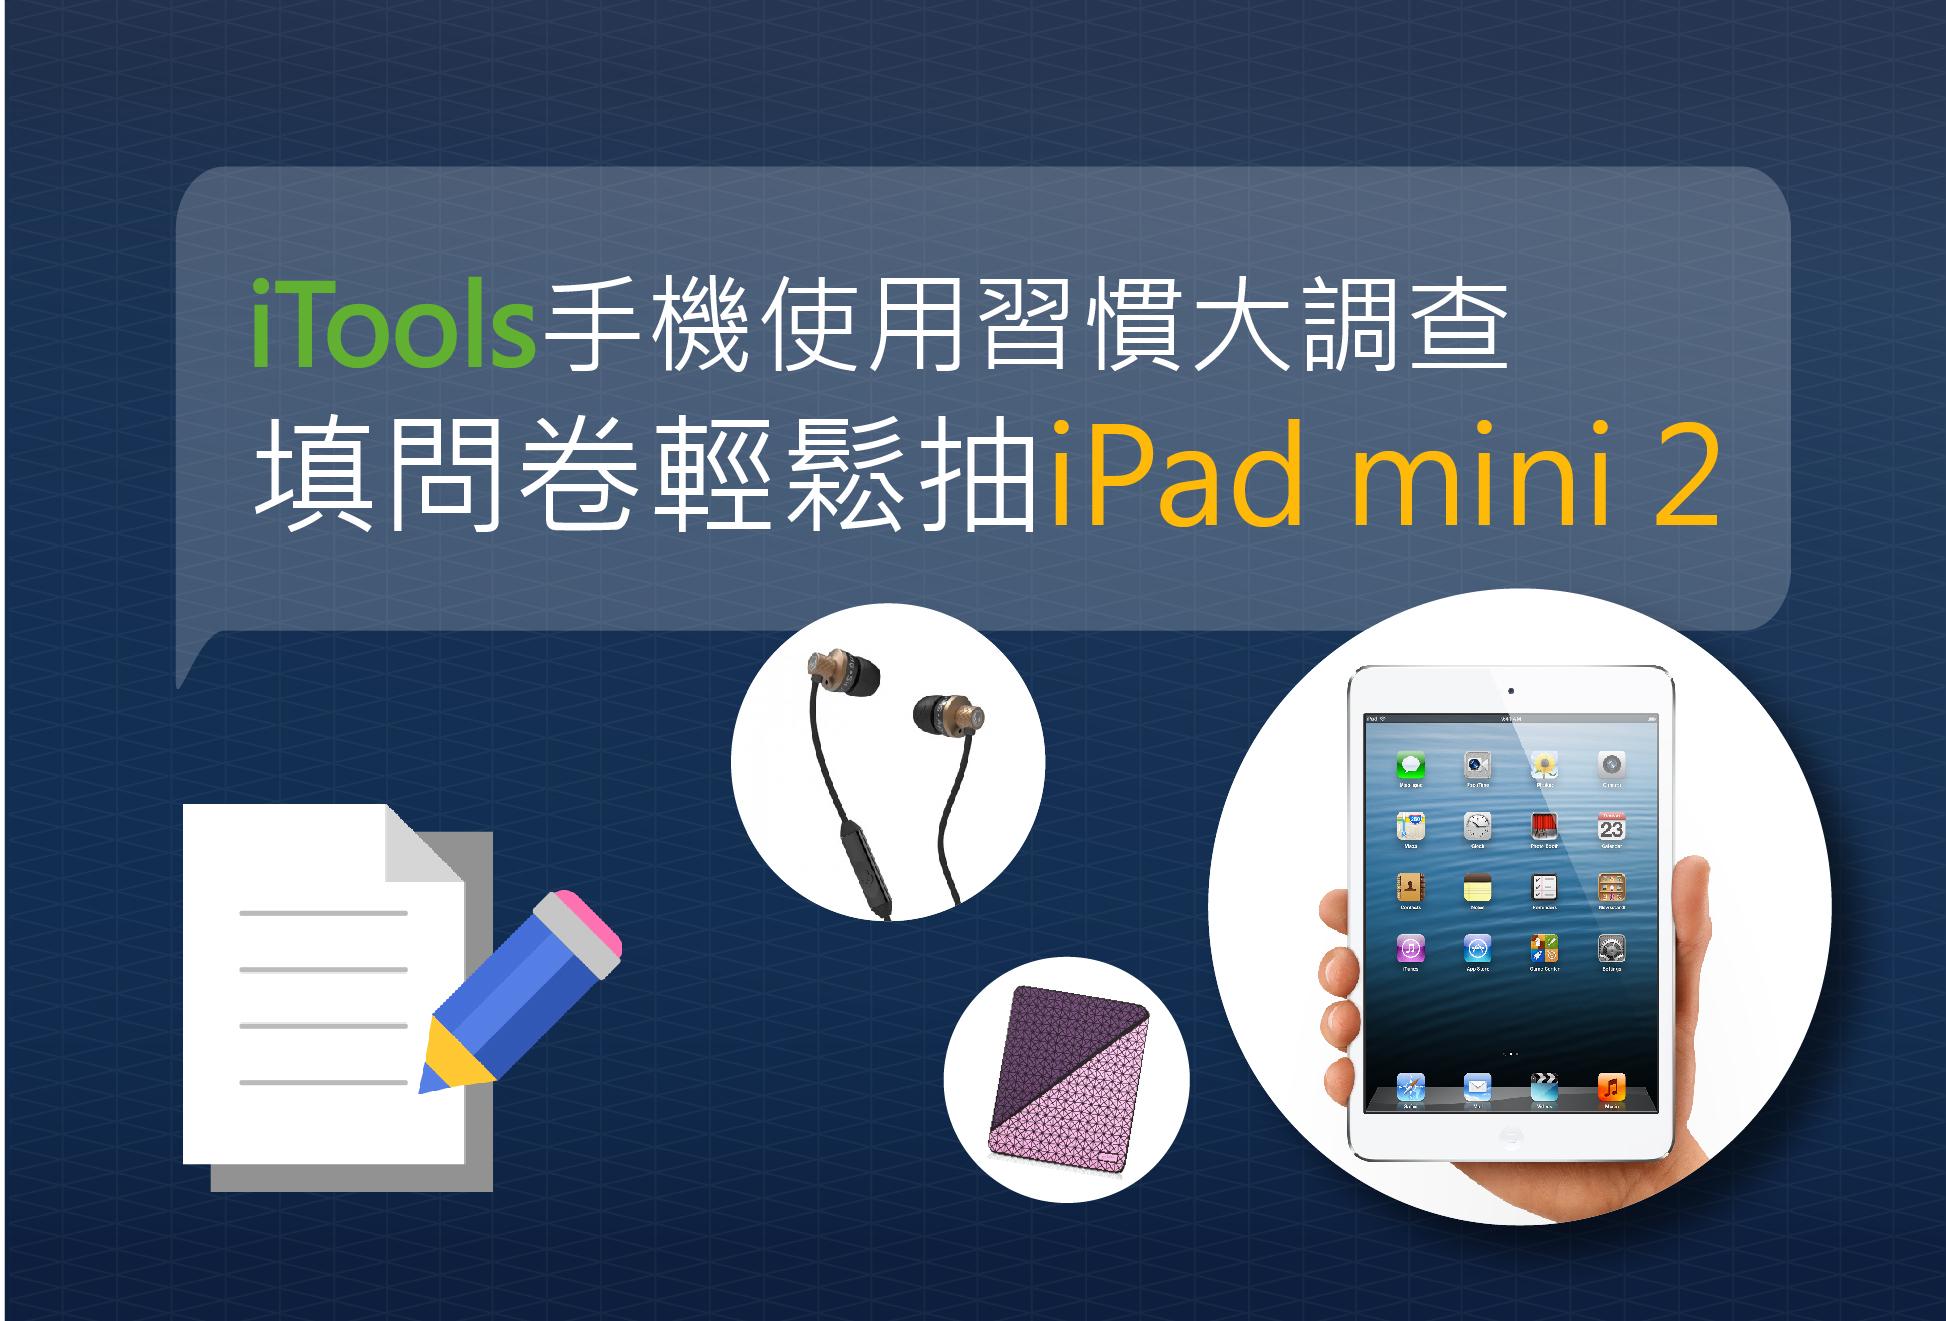 【得獎名單公佈】 iTools手機使用習慣大調查:填問卷抽iPad mini 2、潮流耳機等價值超過3萬的精選好禮